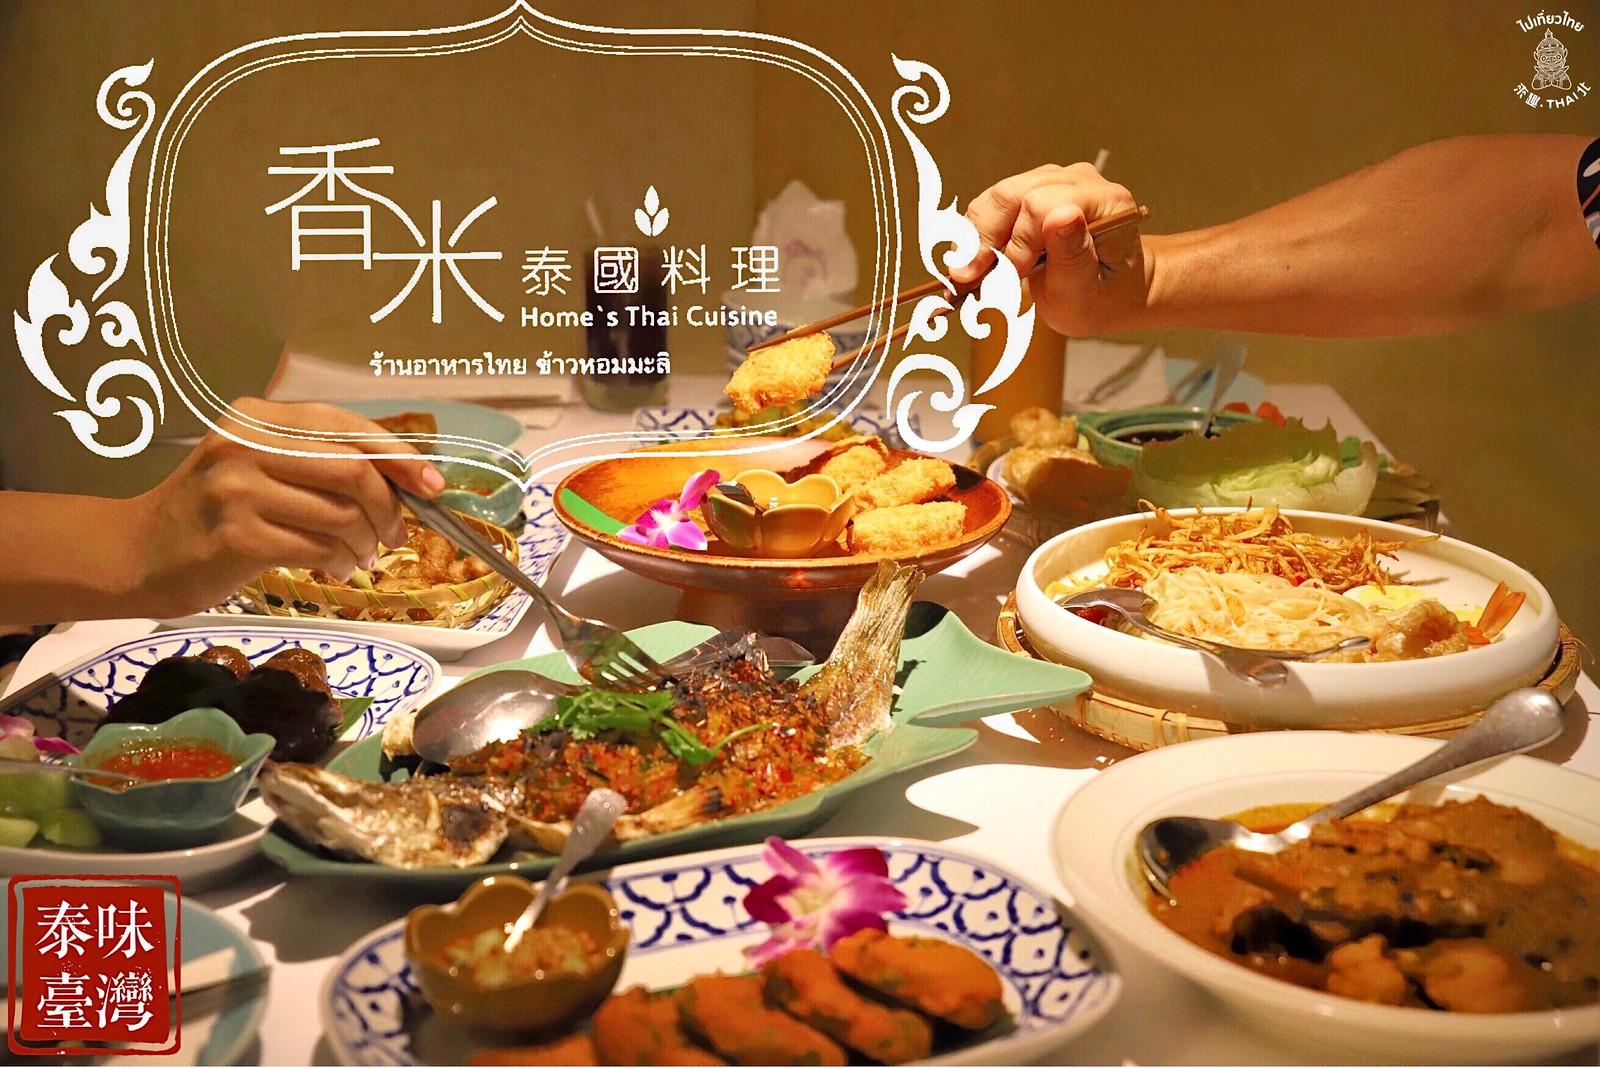 因為用心堅持,保留傳統價值《香米泰國料理Home's Thai Cuisine》